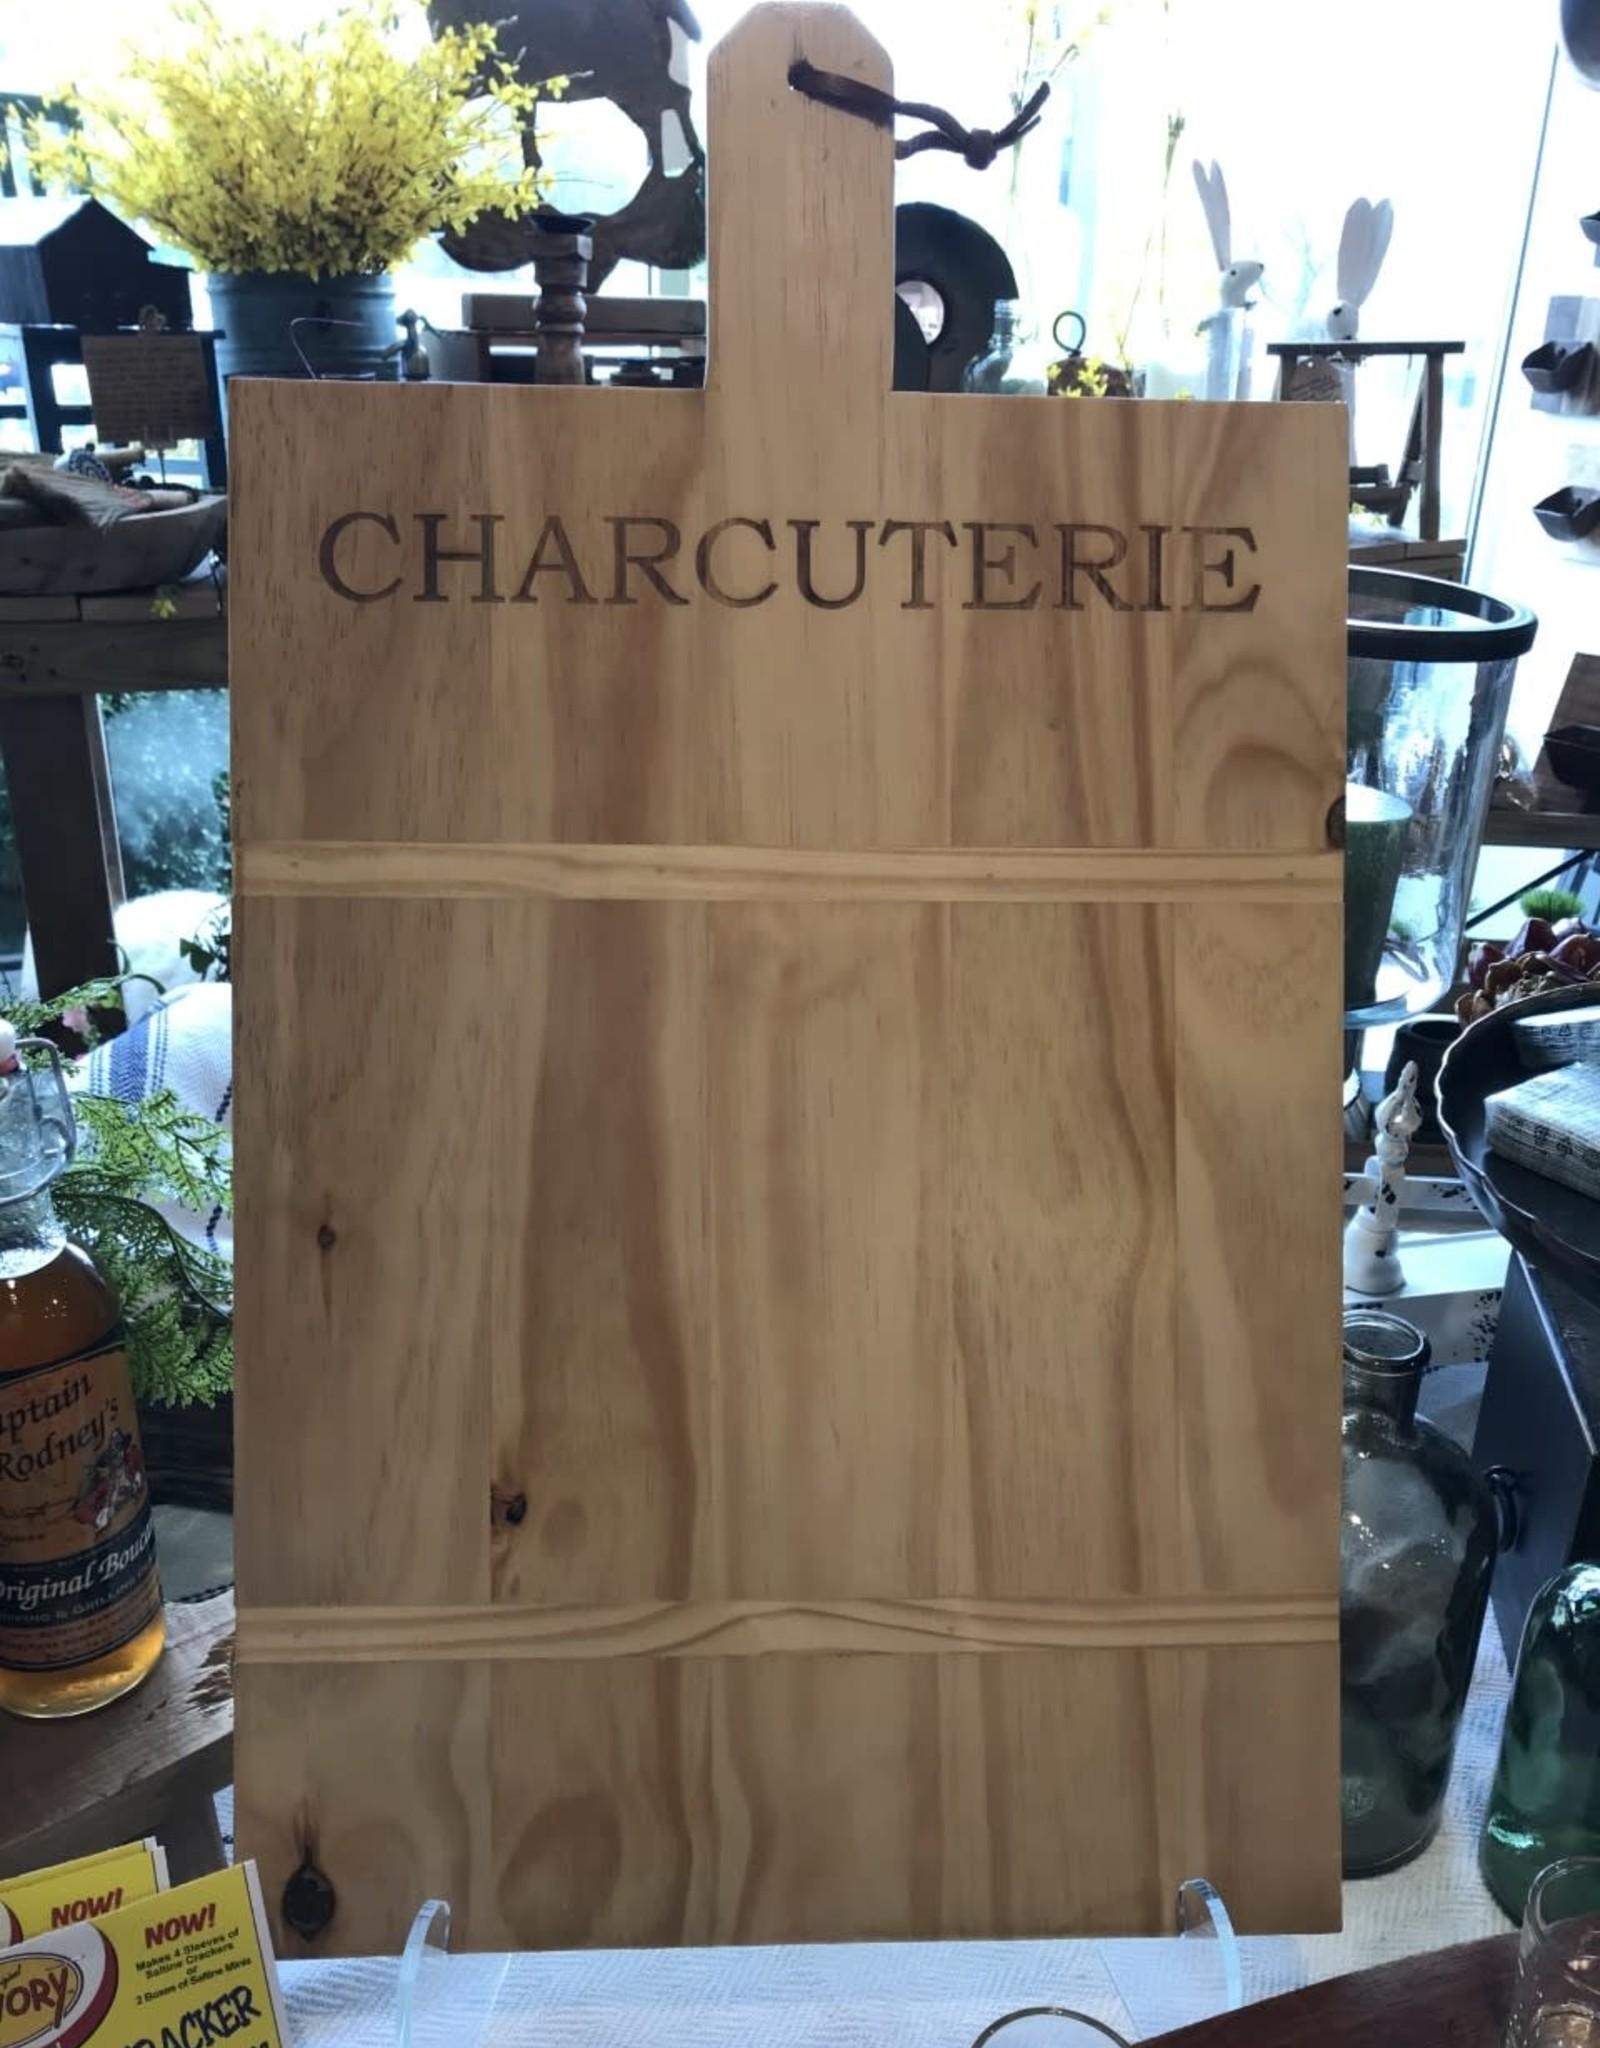 Wooden Charcutterie Board